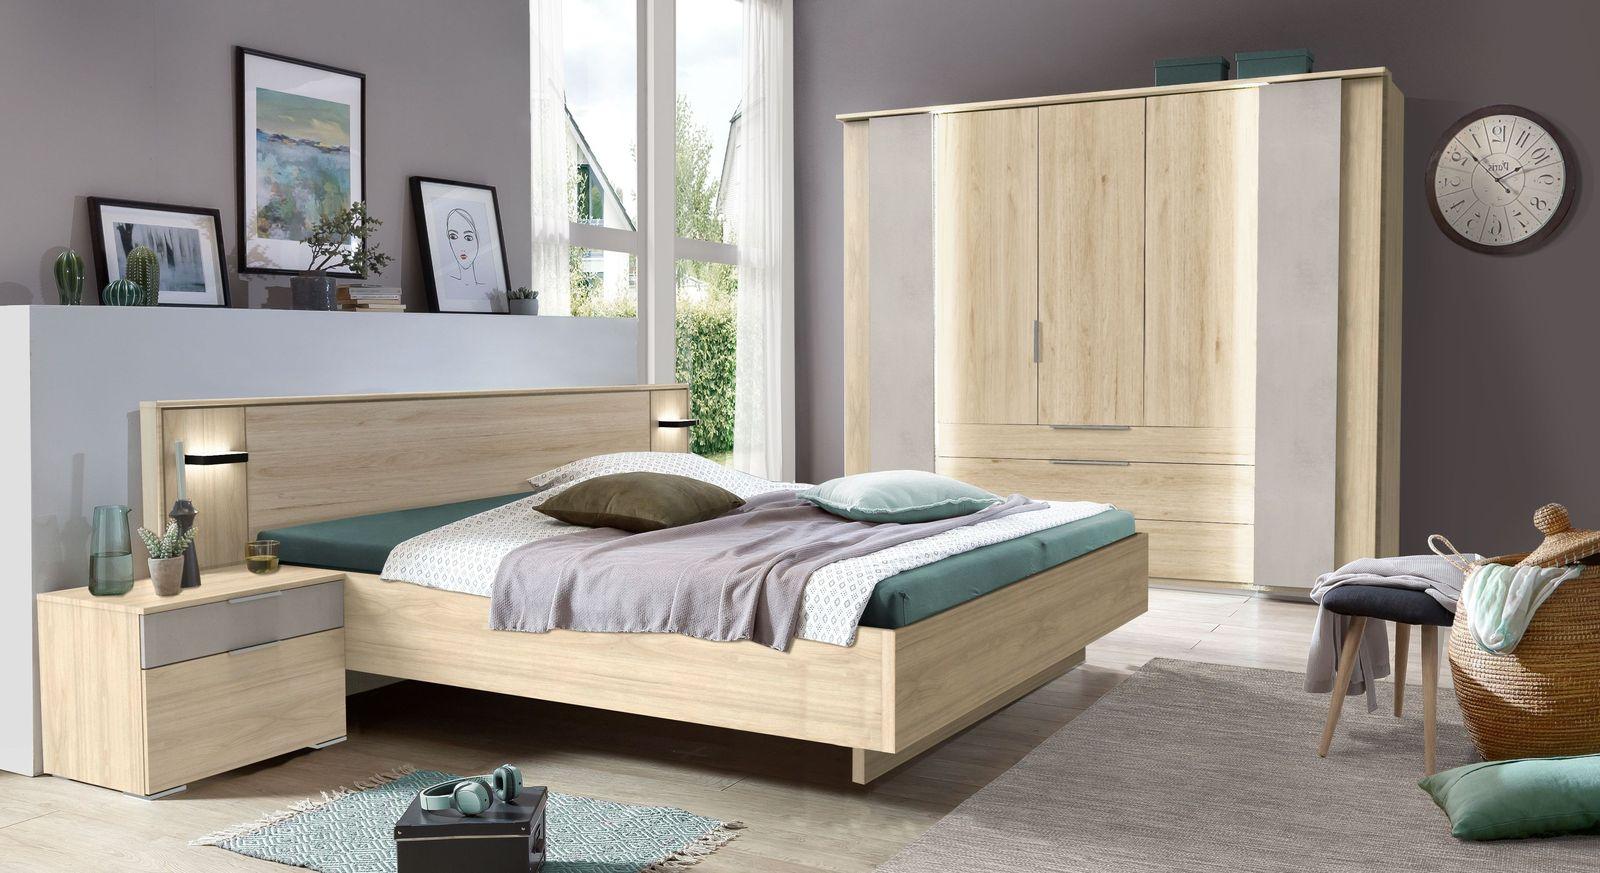 Komplett-Schlafzimmer Hayward in stilvoller Optik